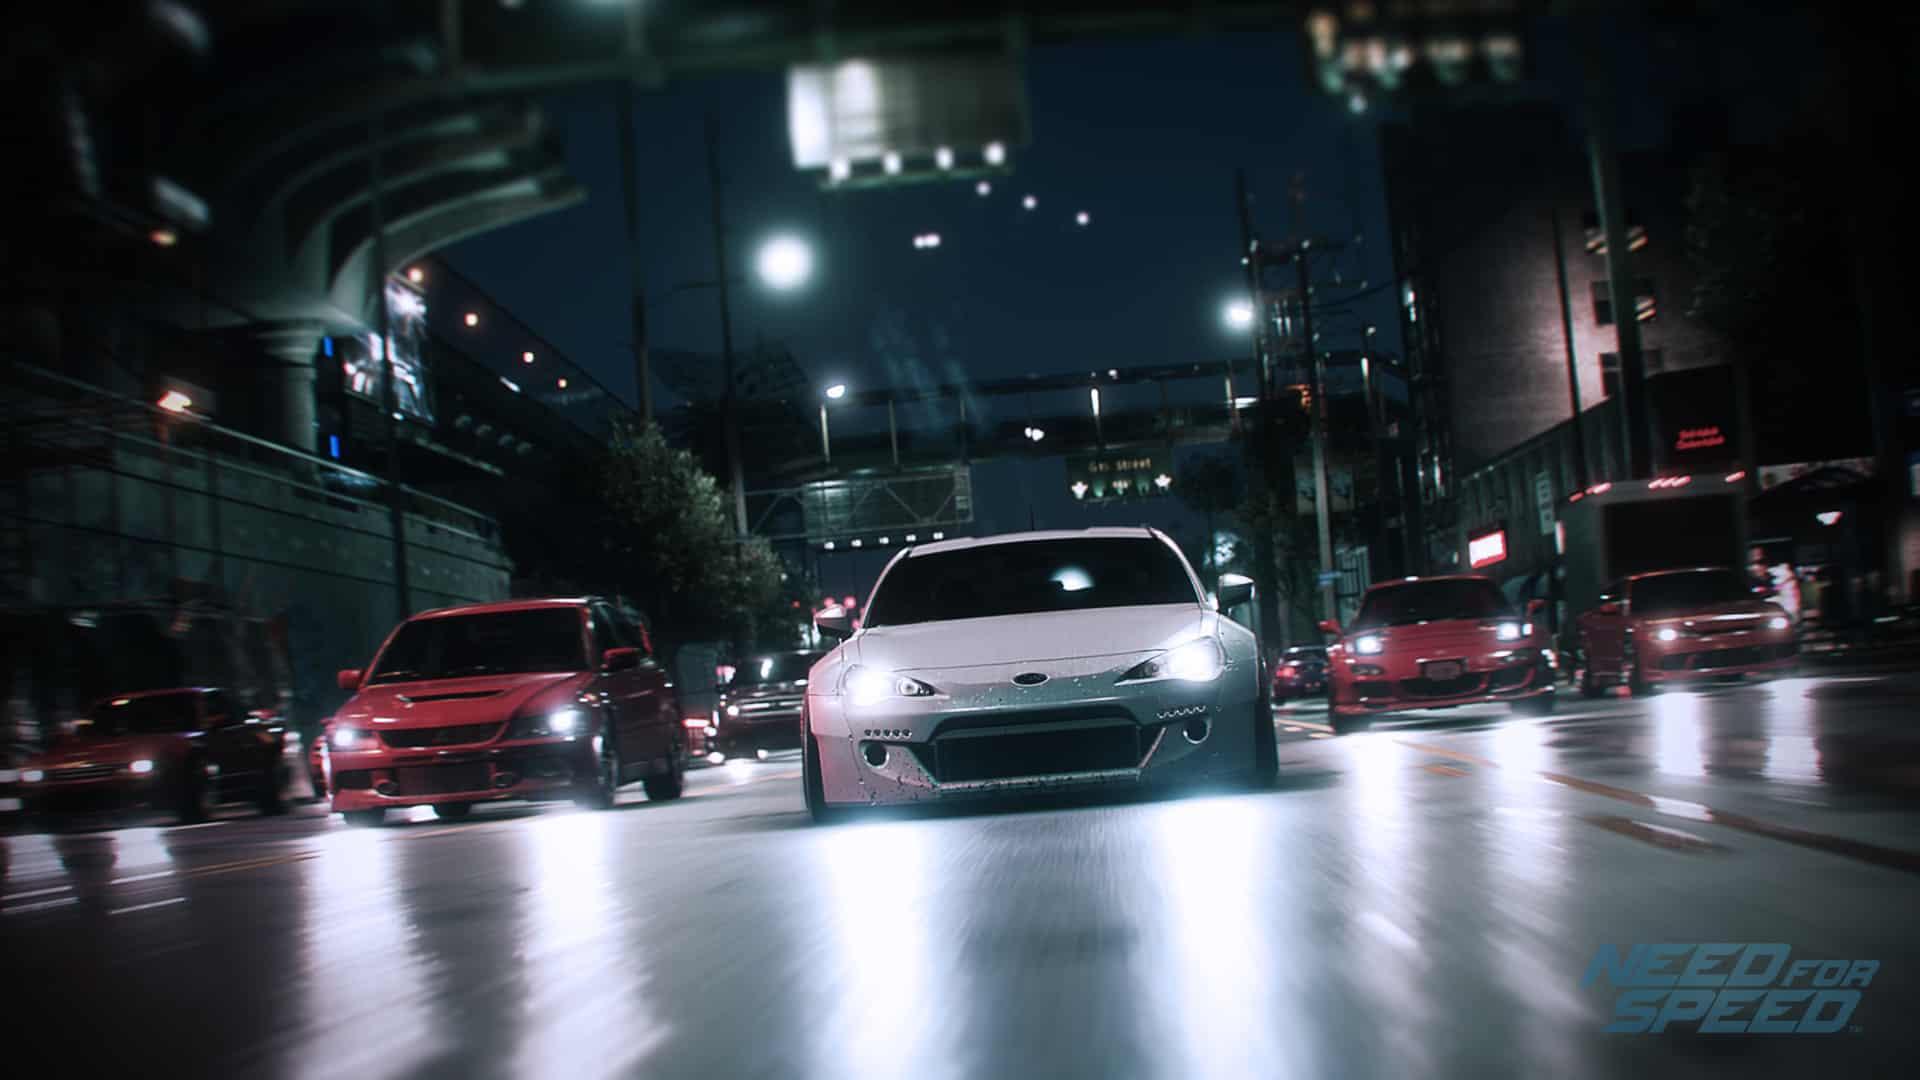 Need For Speed Telecharger Ou Gratuit Jeuxx Gratuit